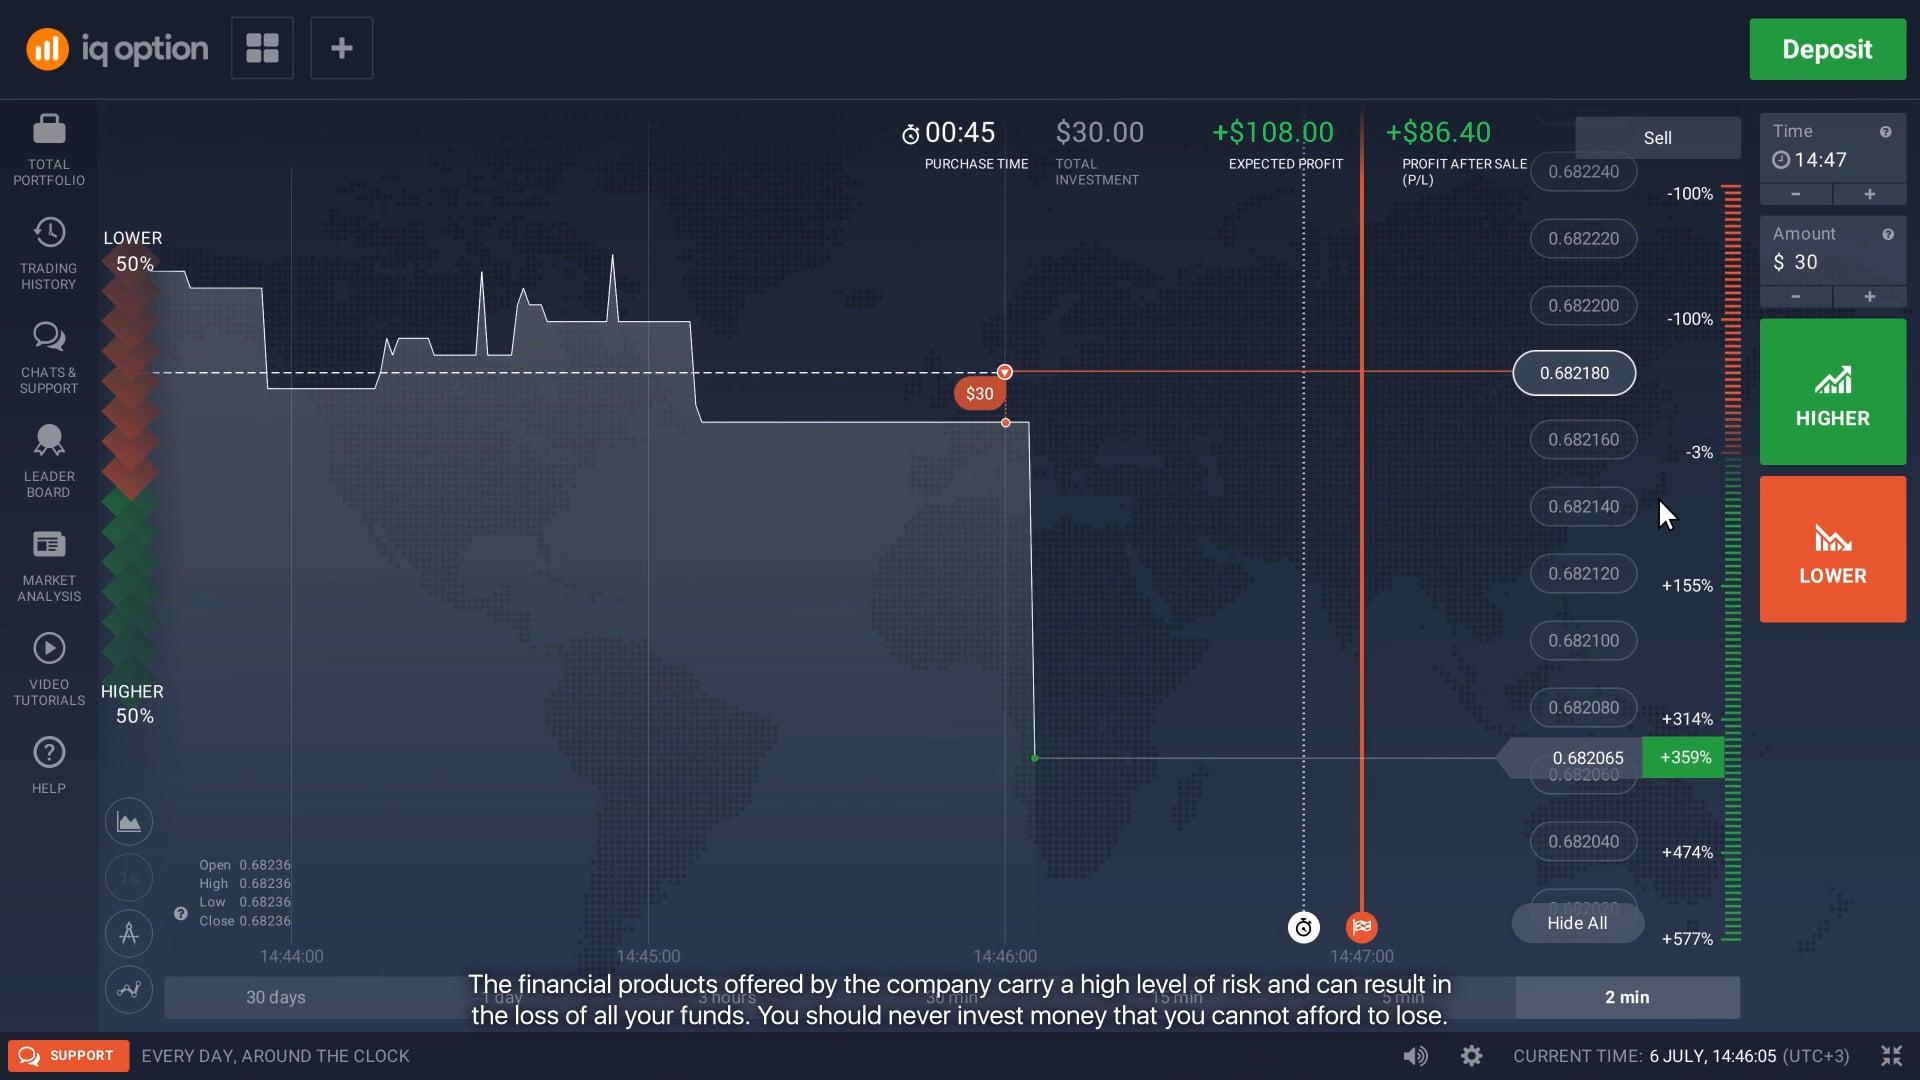 trgovanje binarnim opcijama i forex binarne opcije nas trguju niskim minimalnim depozitom